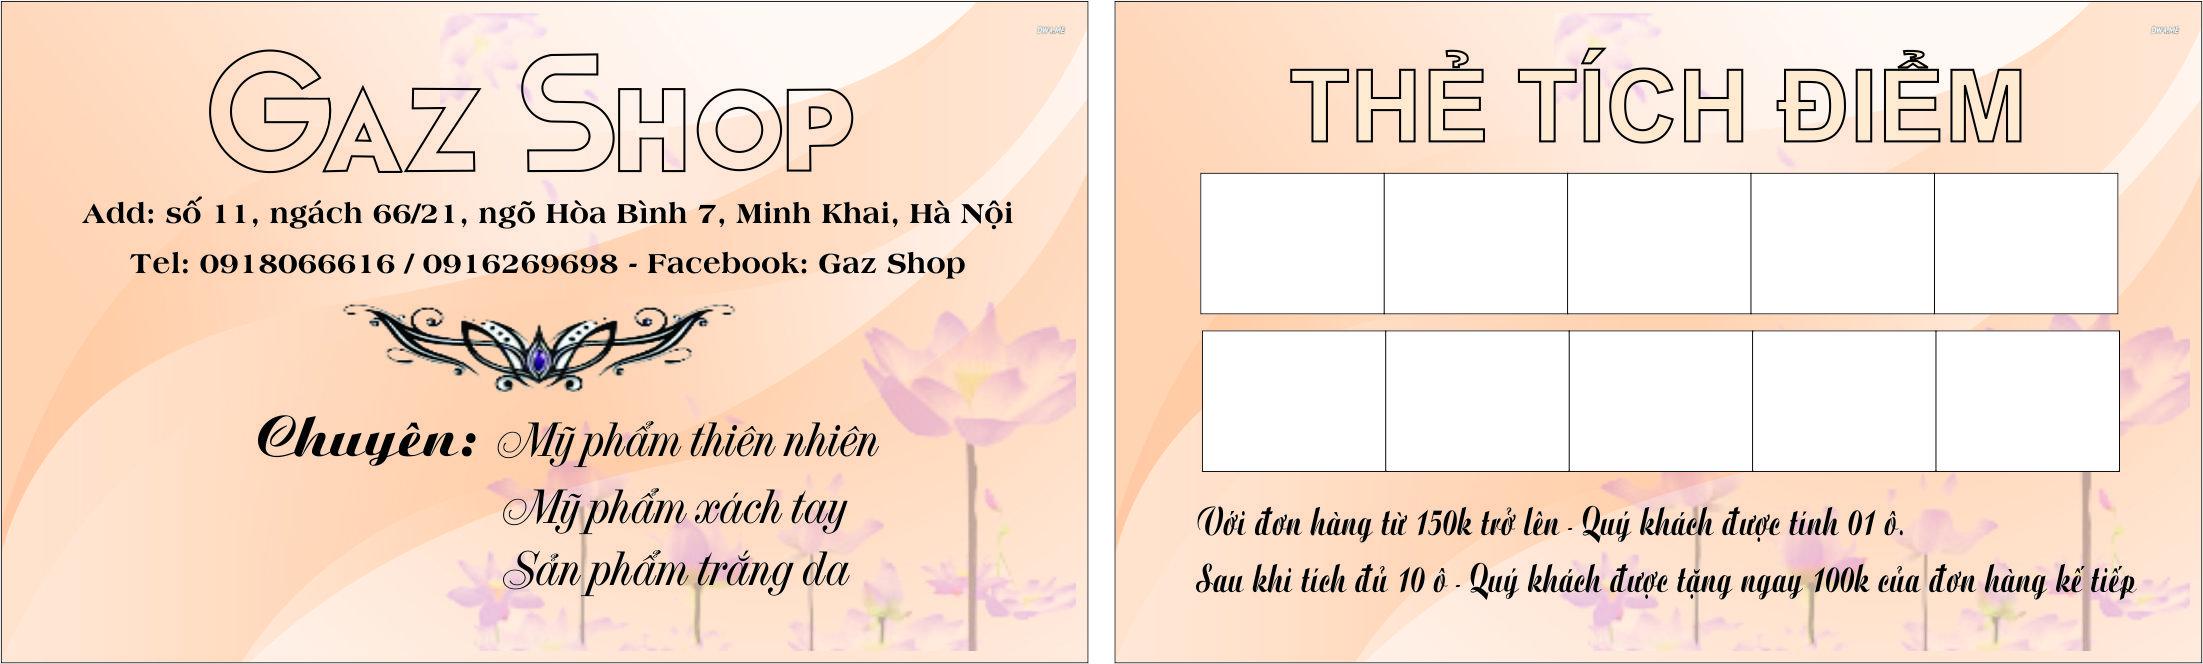 3 Báo giá in Card visit giá rẻ nhất Hà Nội. In cả số lượng ít.